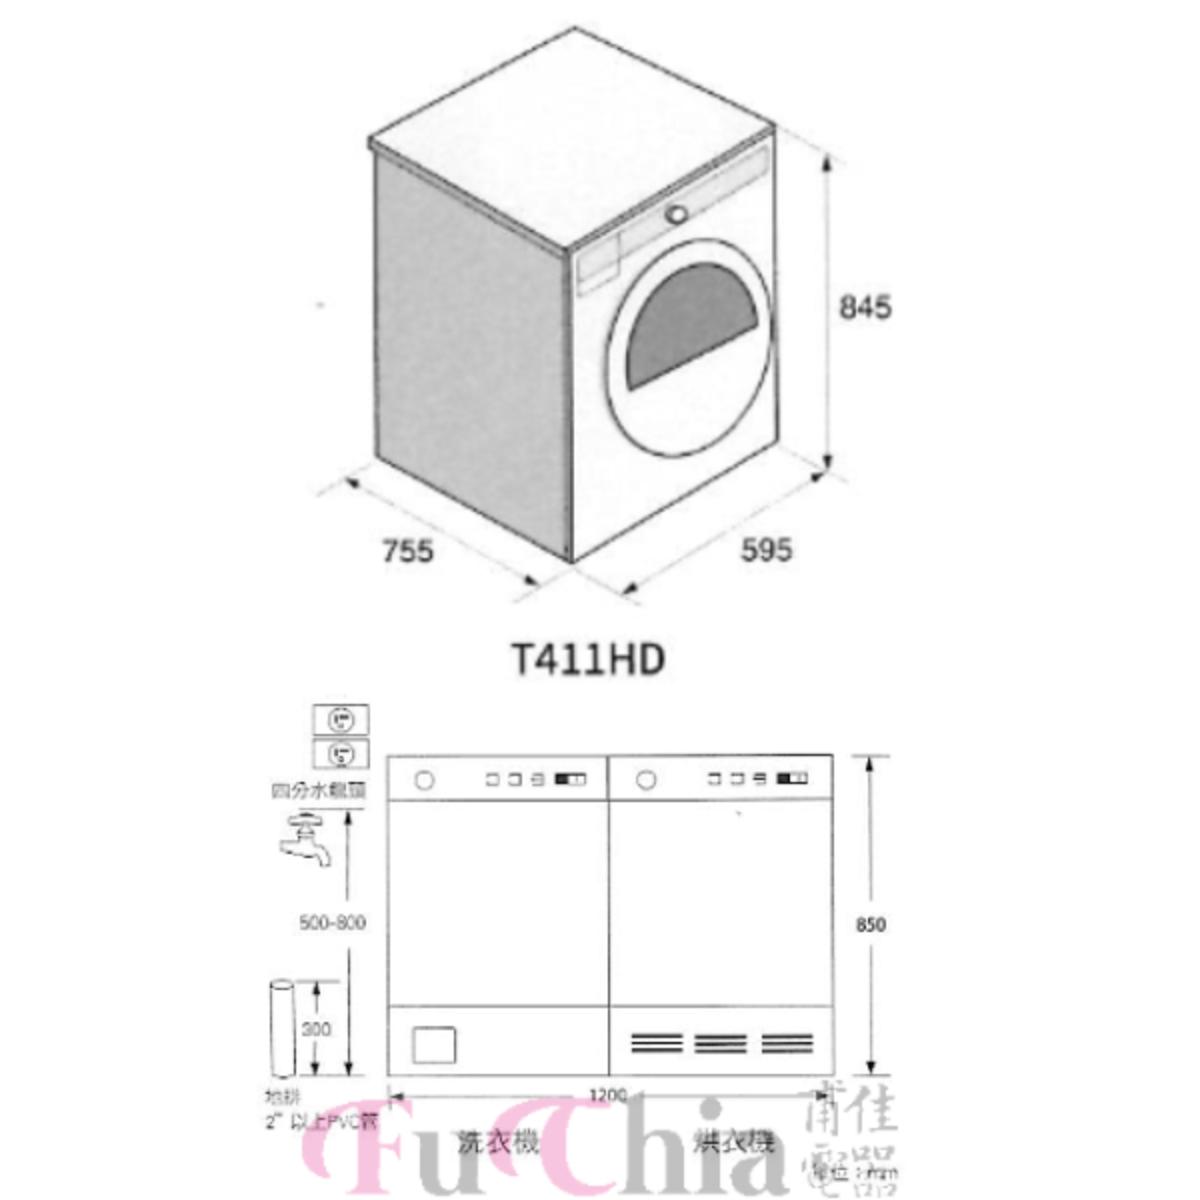 ASKO T411HD 熱泵冷凝式 乾衣機 11kg (220V)